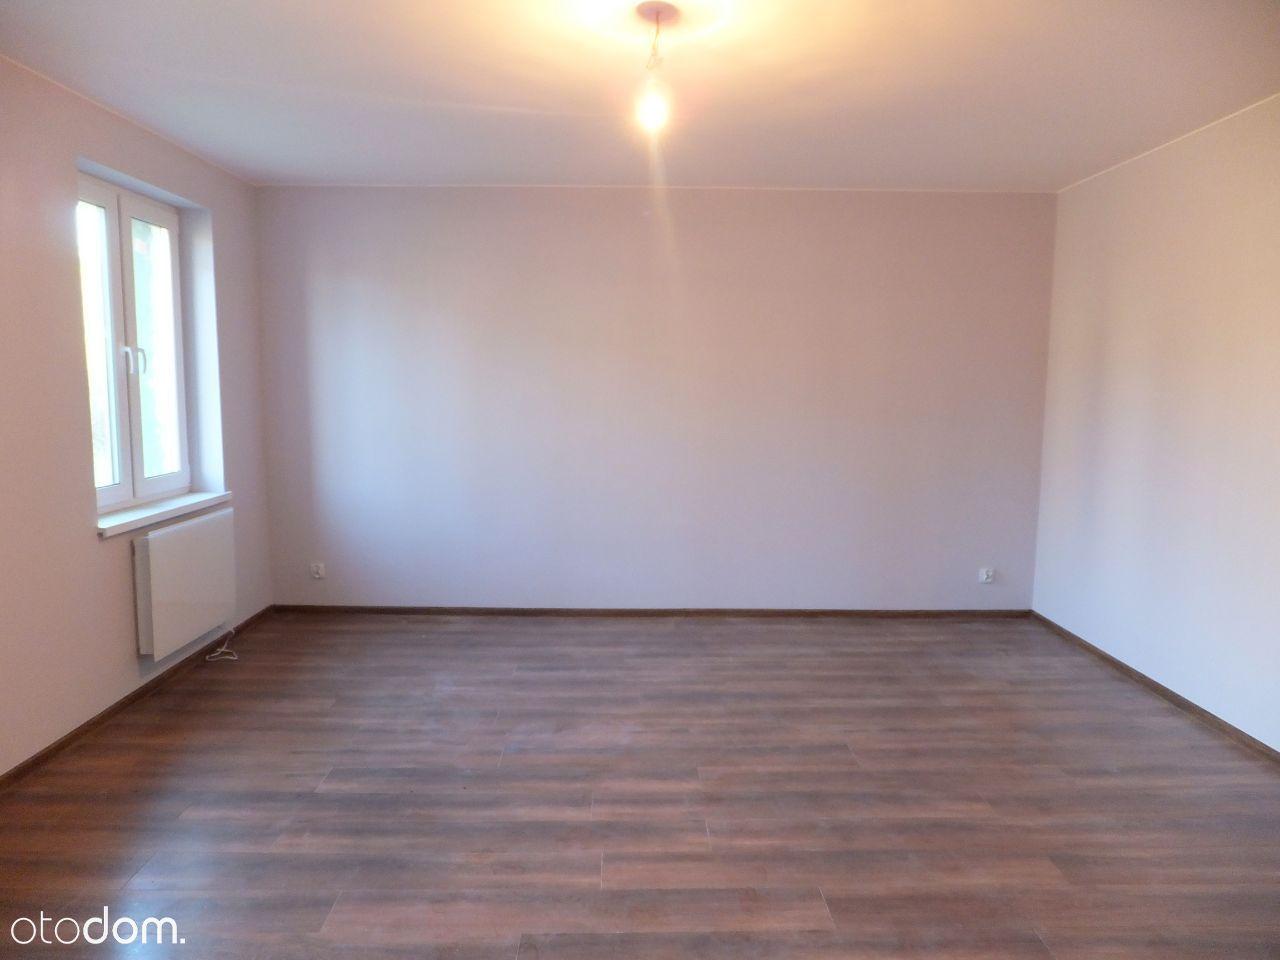 Mieszkanie na sprzedaż, Katowice, Dąbrówka Mała - Foto 4